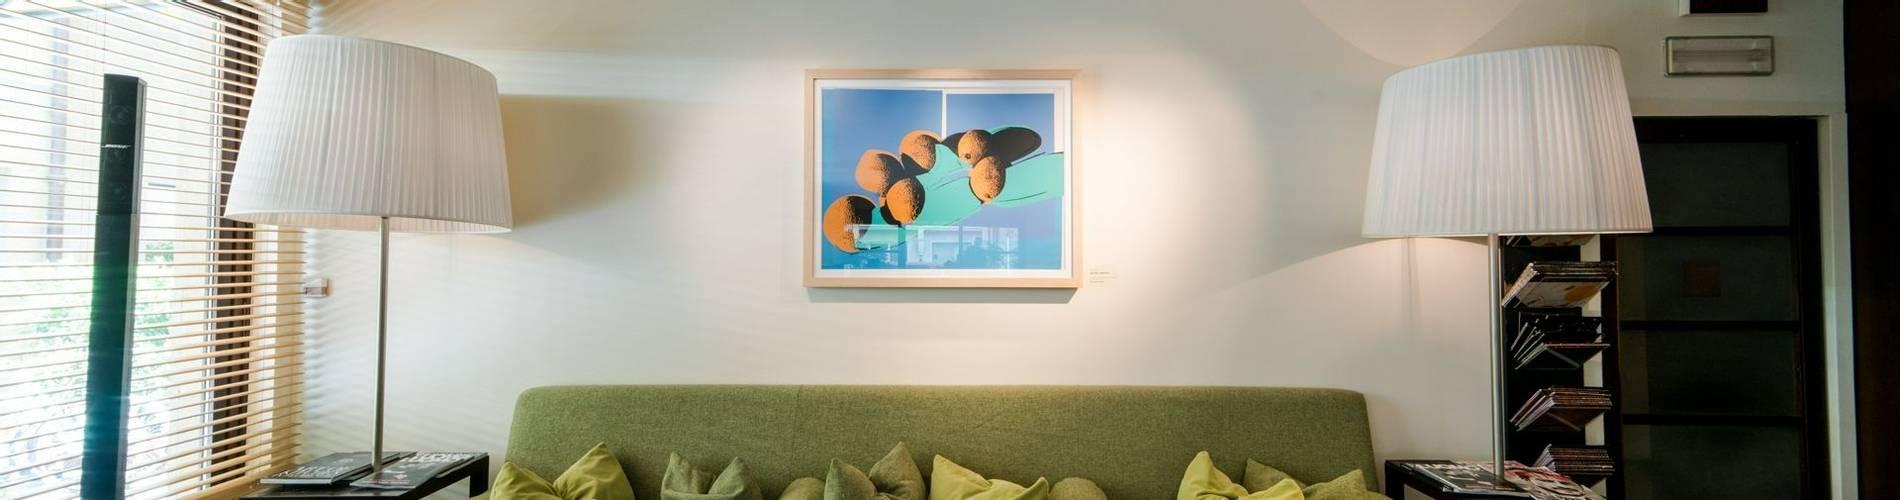 Gallery Art Hotel, Tuscany, Italy (11).jpg